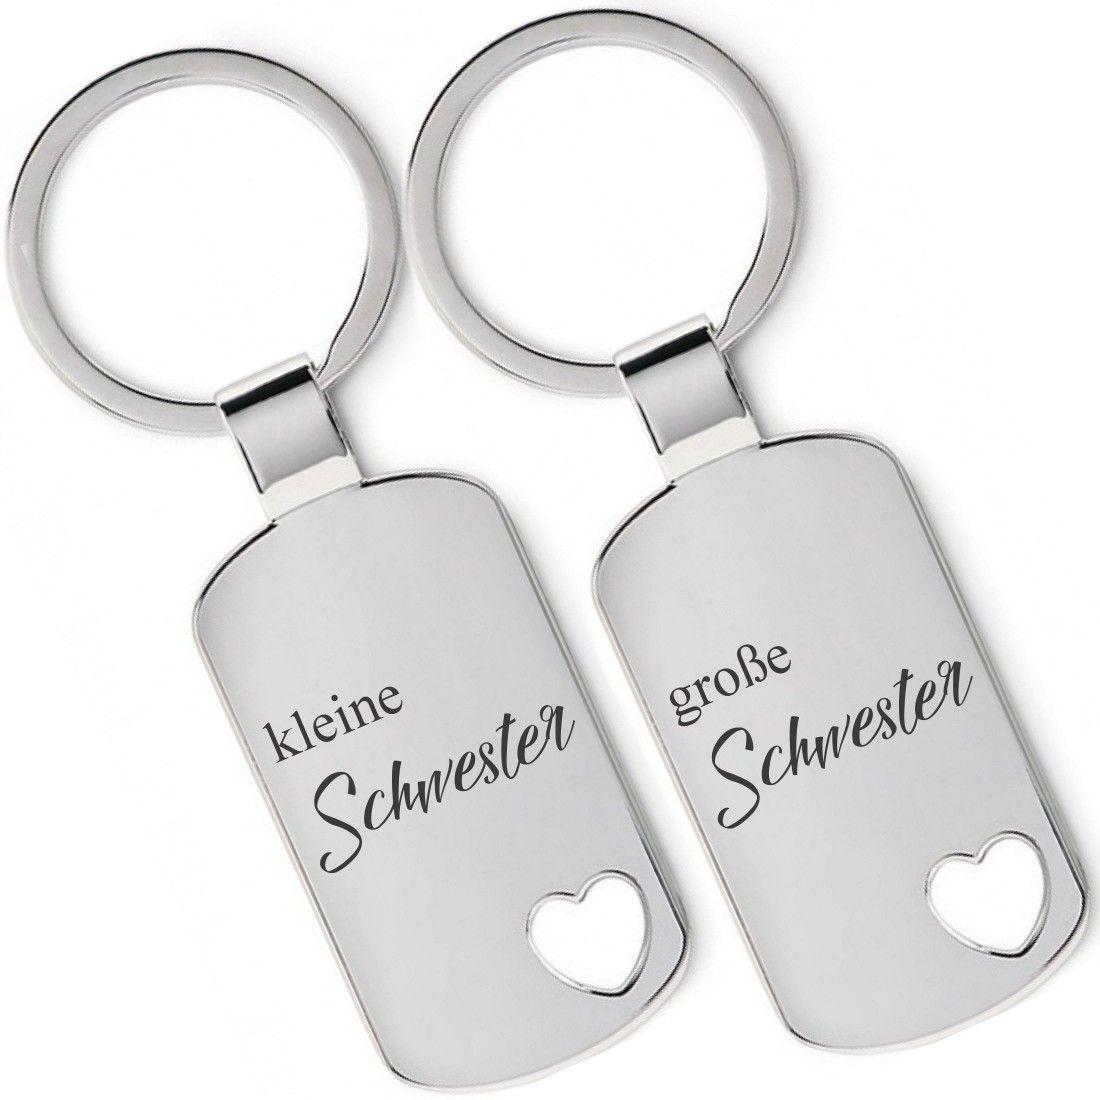 Schlüsselanhänger Mini-Bilderrahmen Metall Geschenk Geburtstag